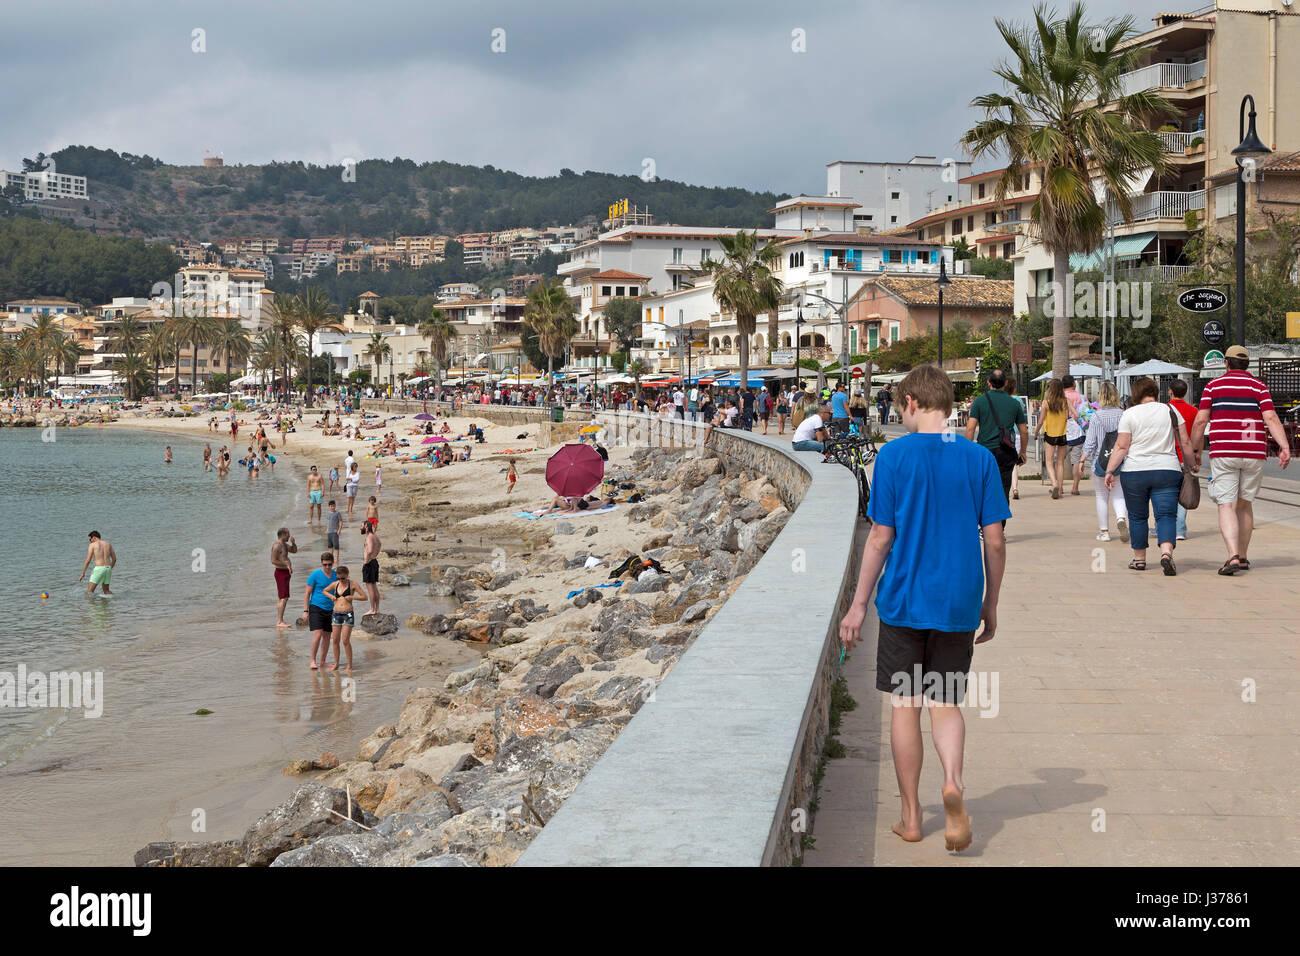 Beira-mar em Port de Sóller, Mallorca, Espanha Imagens de Stock